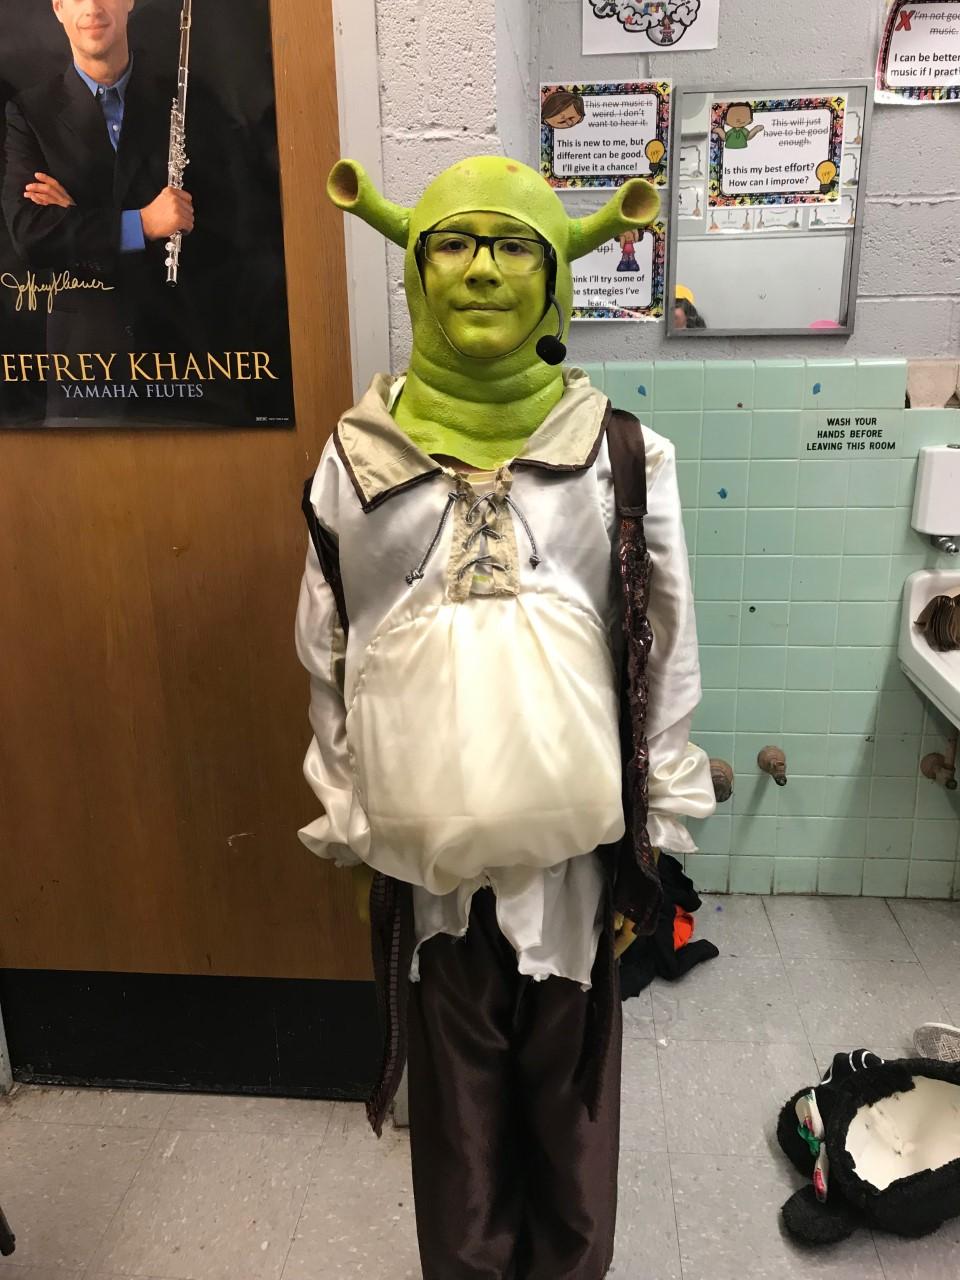 Manny in costume as Shrek